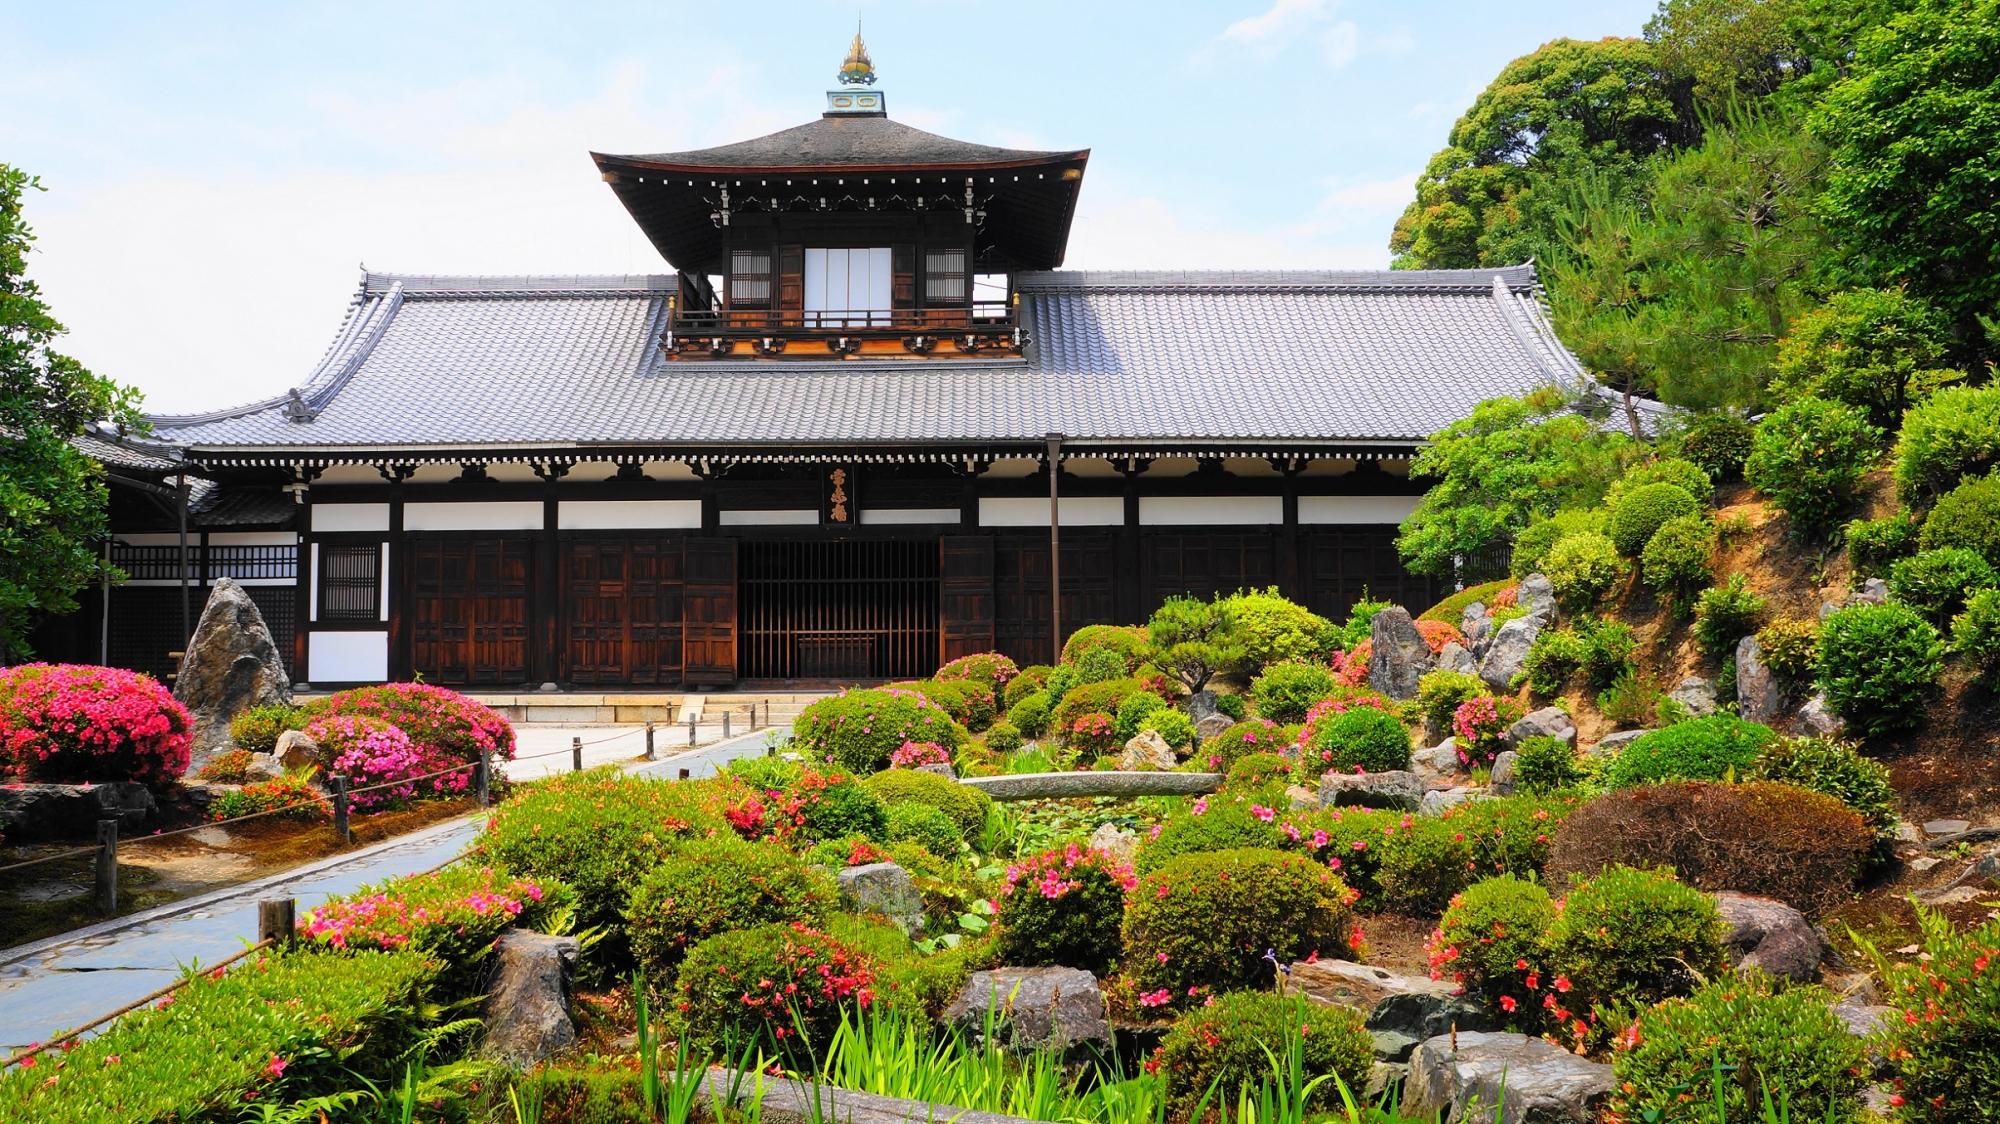 東福寺の素晴らしいサツキと伽藍と春の情景